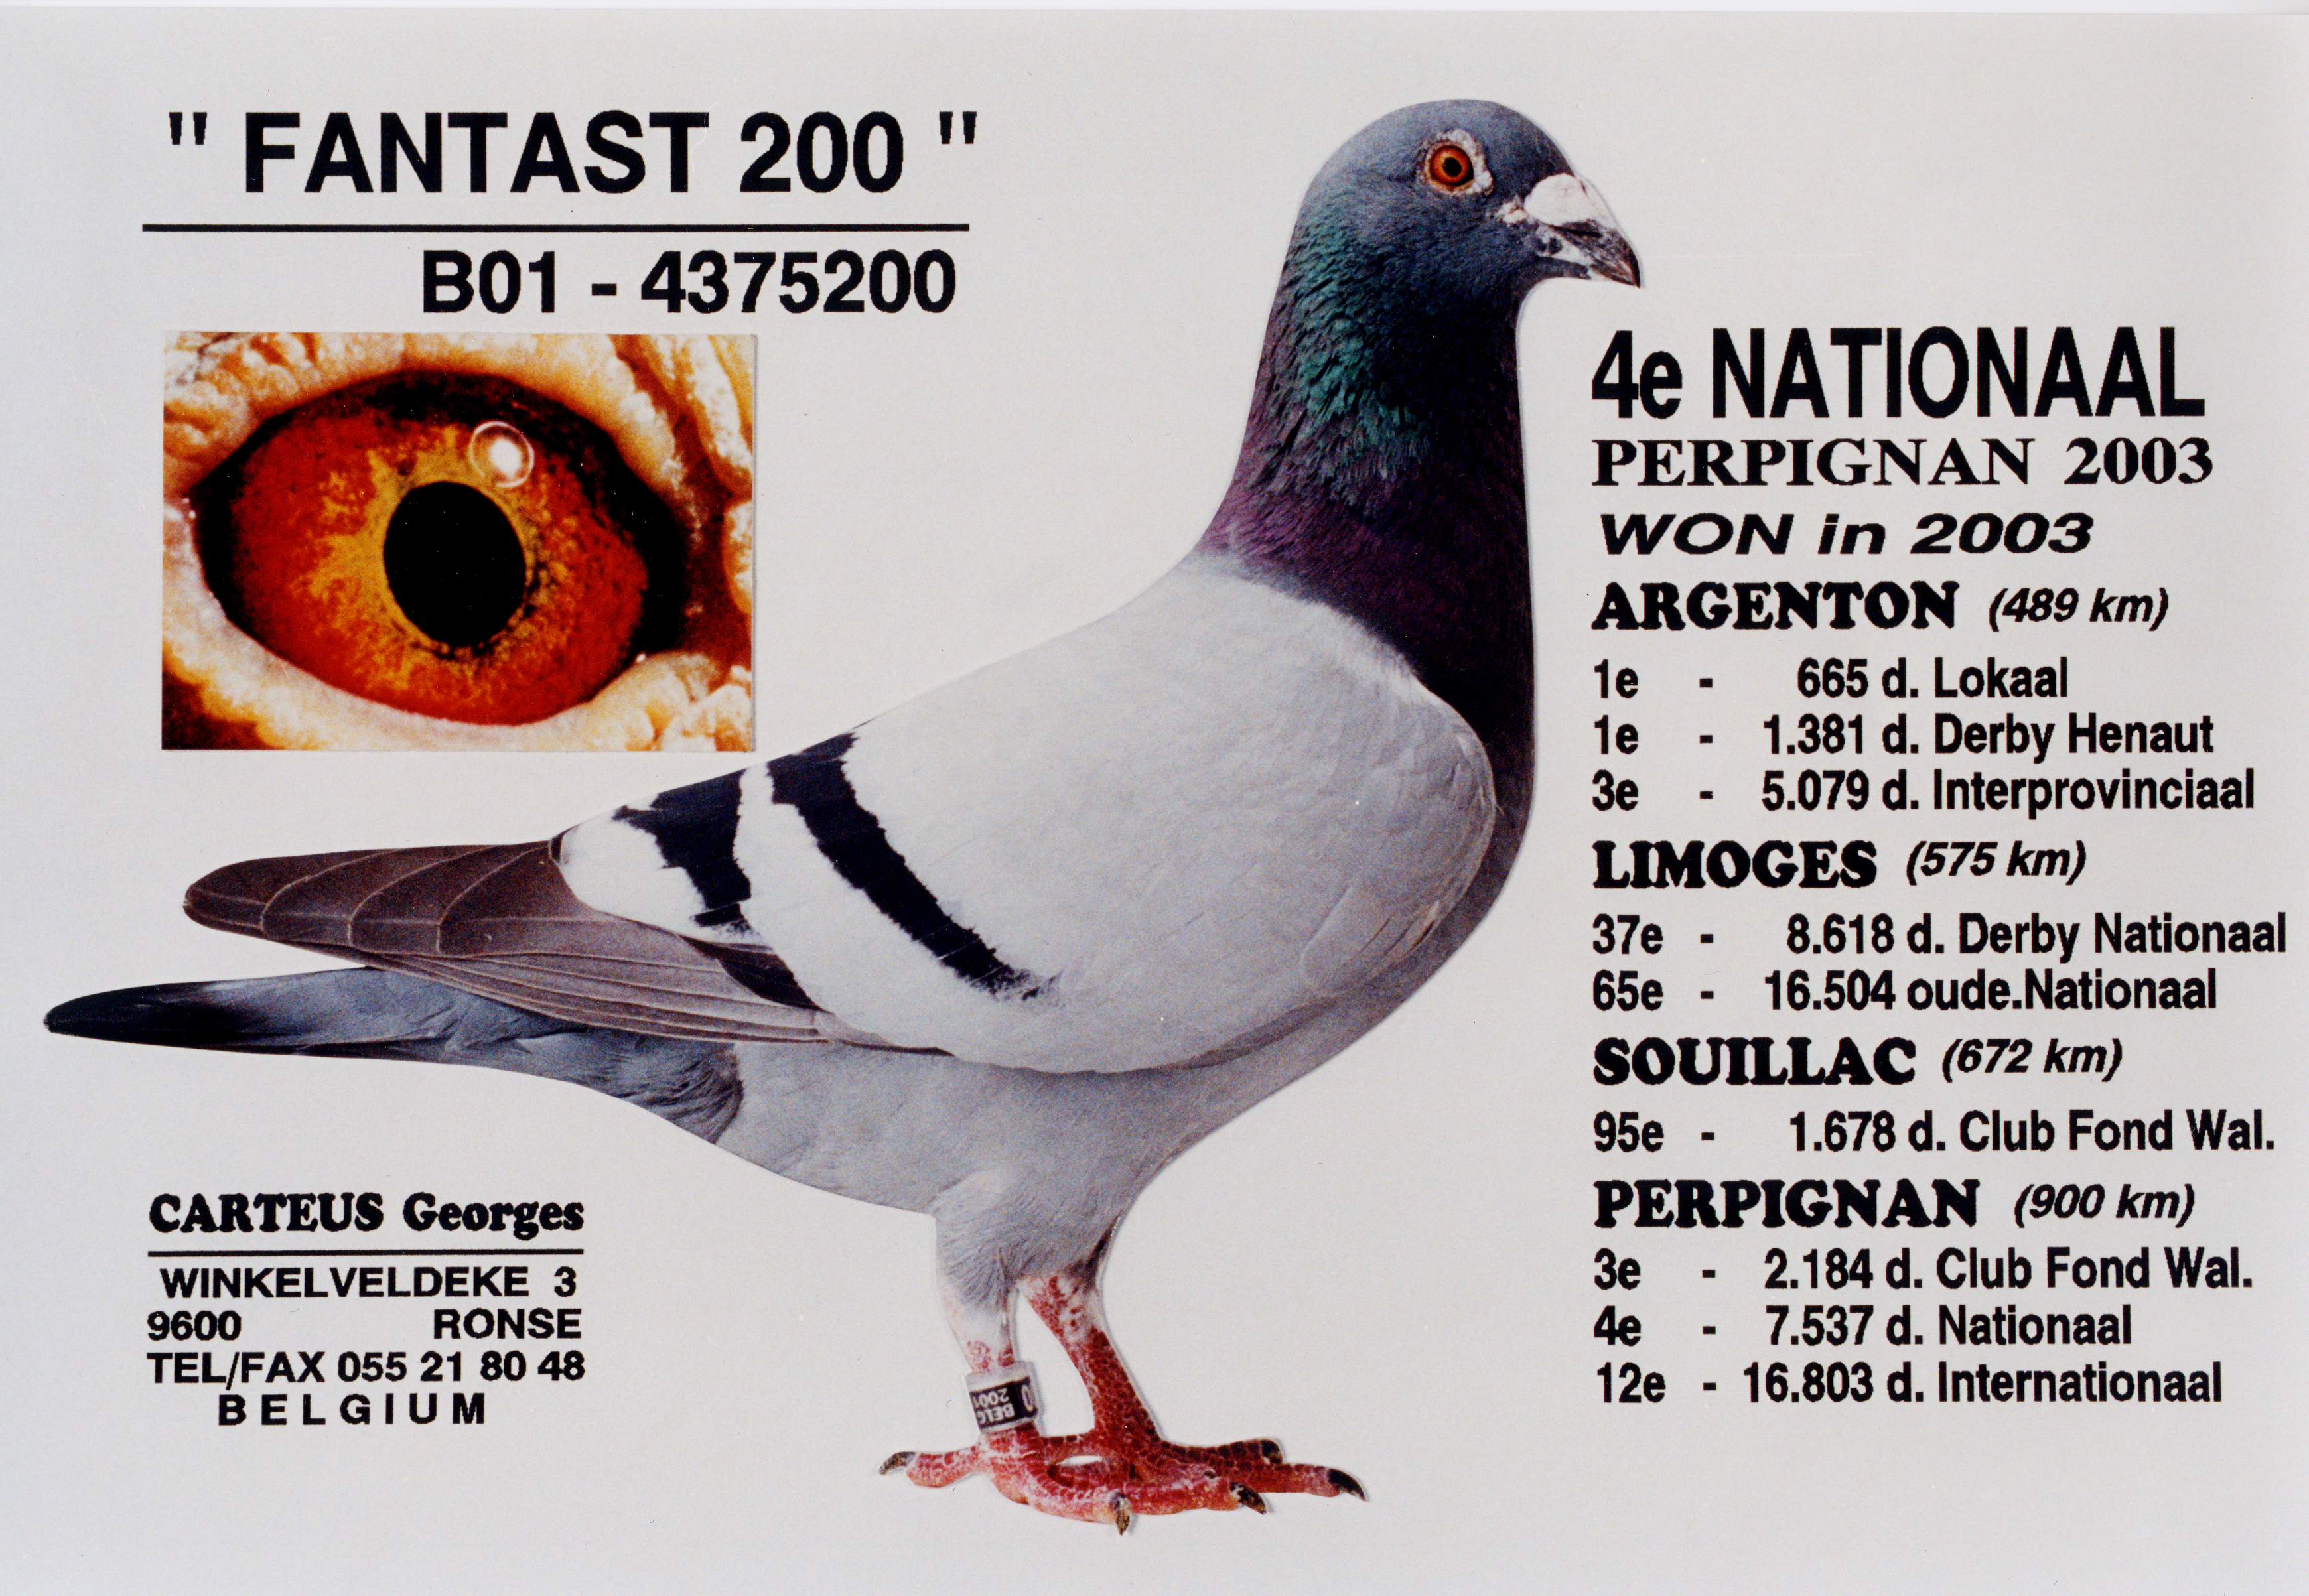 fantast200-georges-carteus